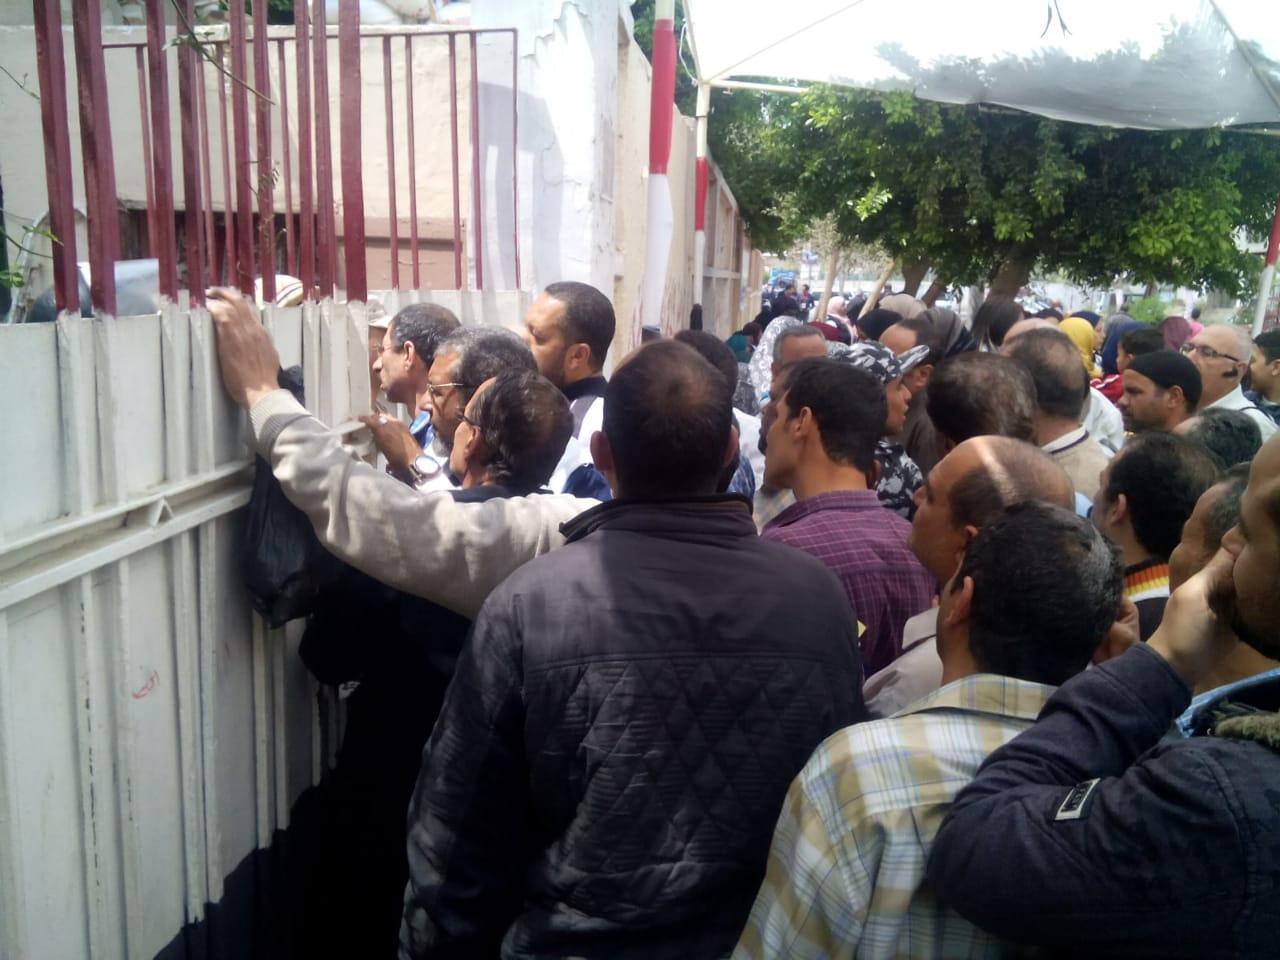 عمال هيئة النقل العام بالقاهرة يشاركون فى استفتاء الدستور (5)